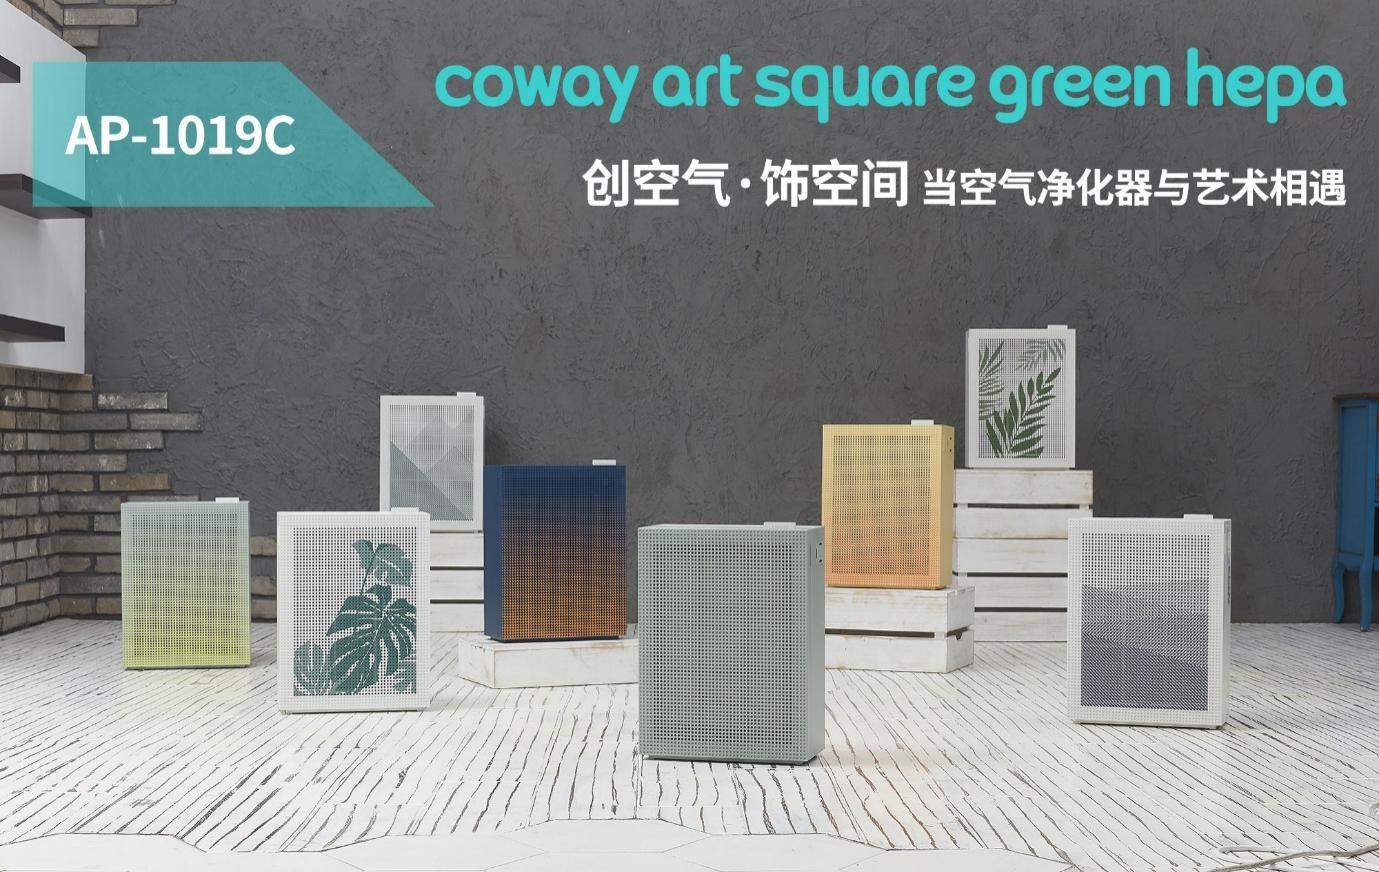 '创空气·饰空间'艺术与空气净化器的相遇,Coway科唯怡art square